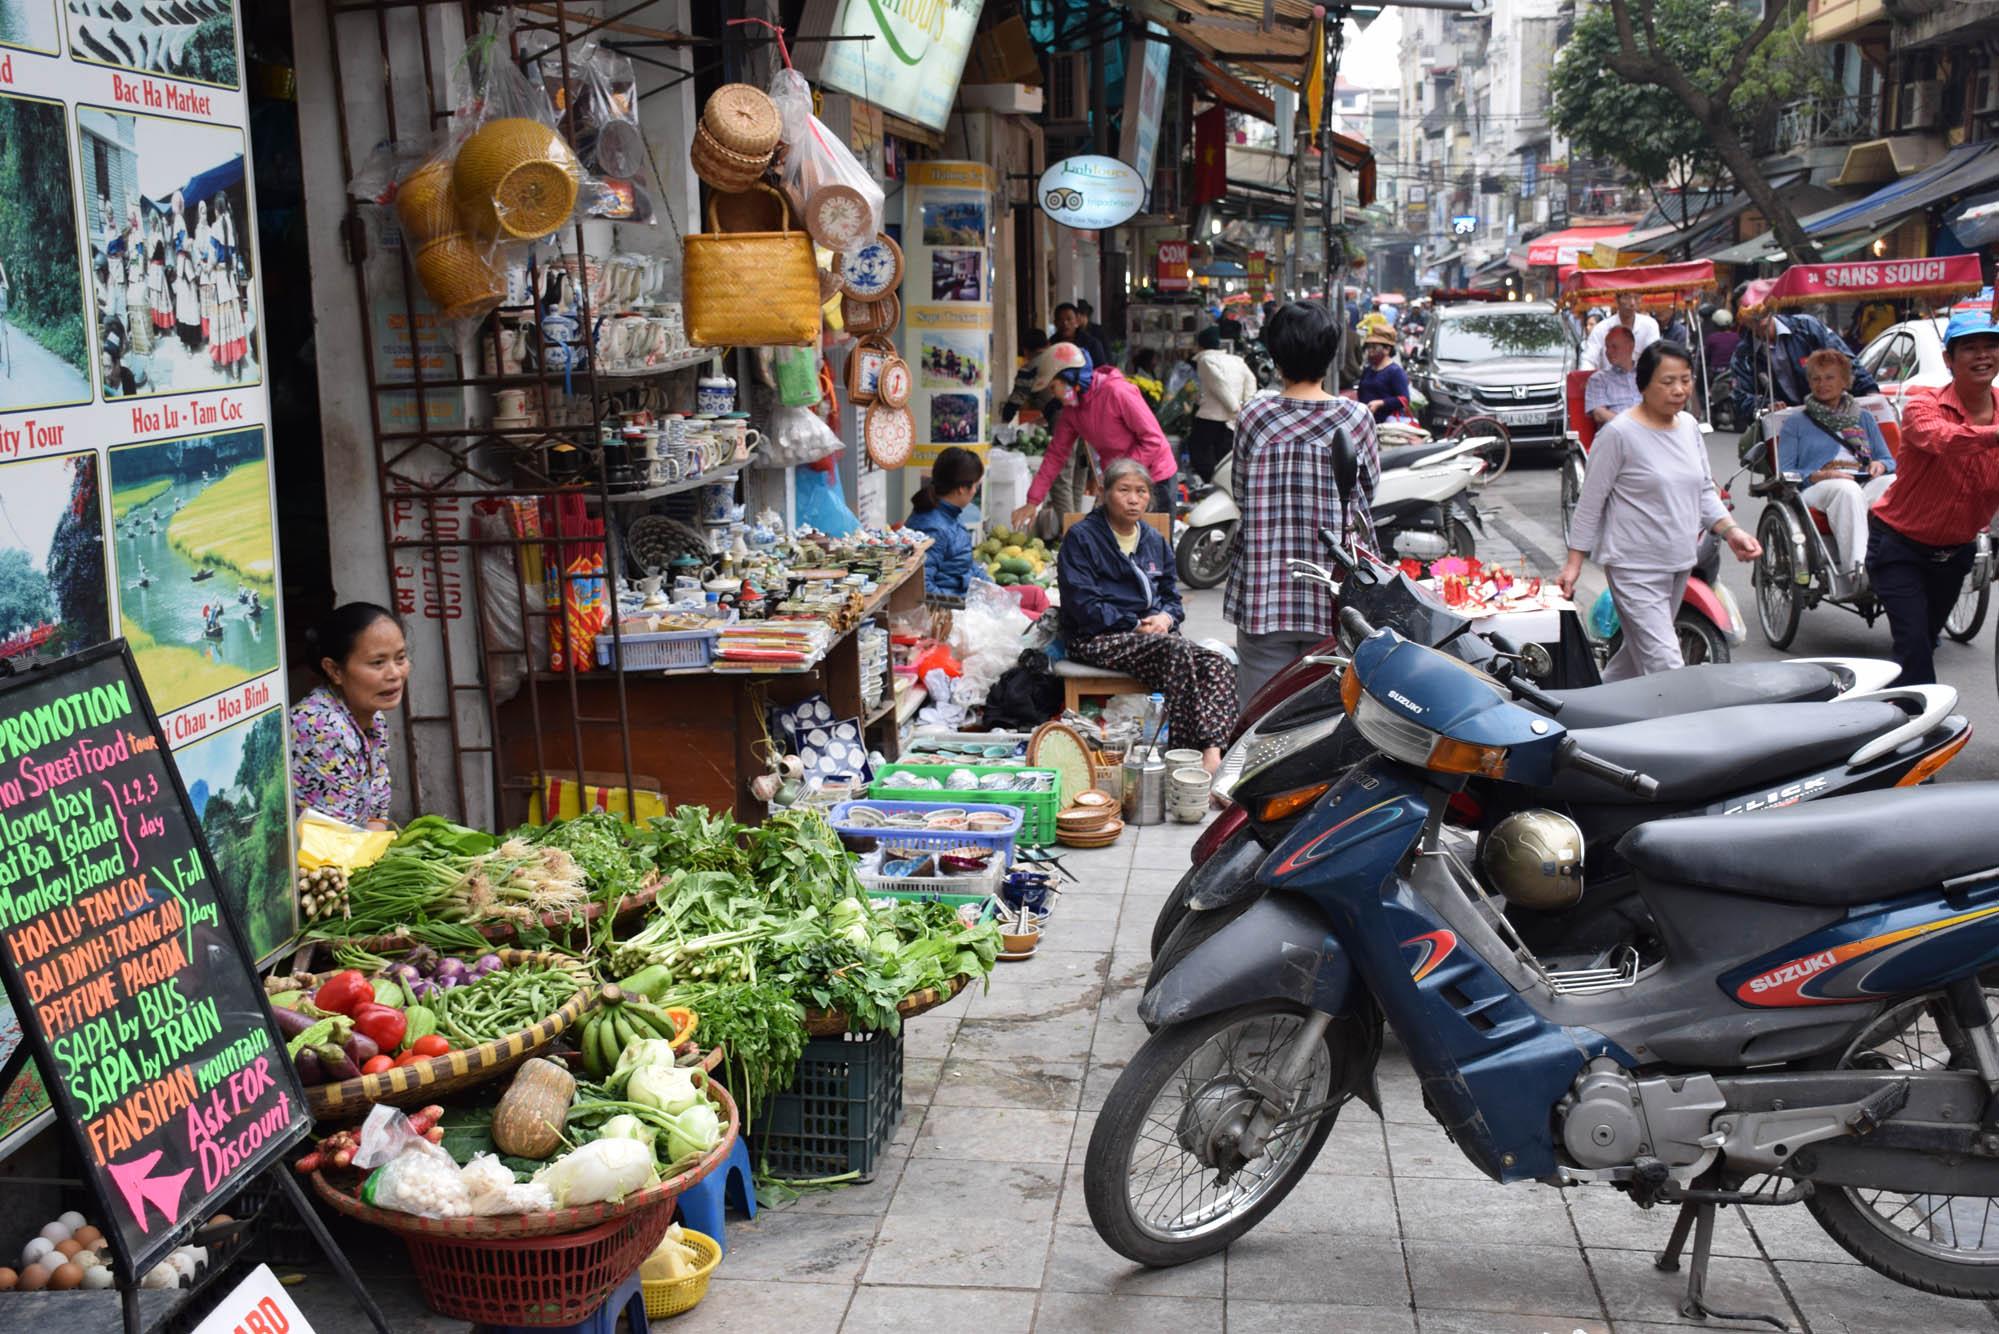 Old Quarter de Hanoi: motos, motos, pessoas, lojas, vegetais... CAOS!!!